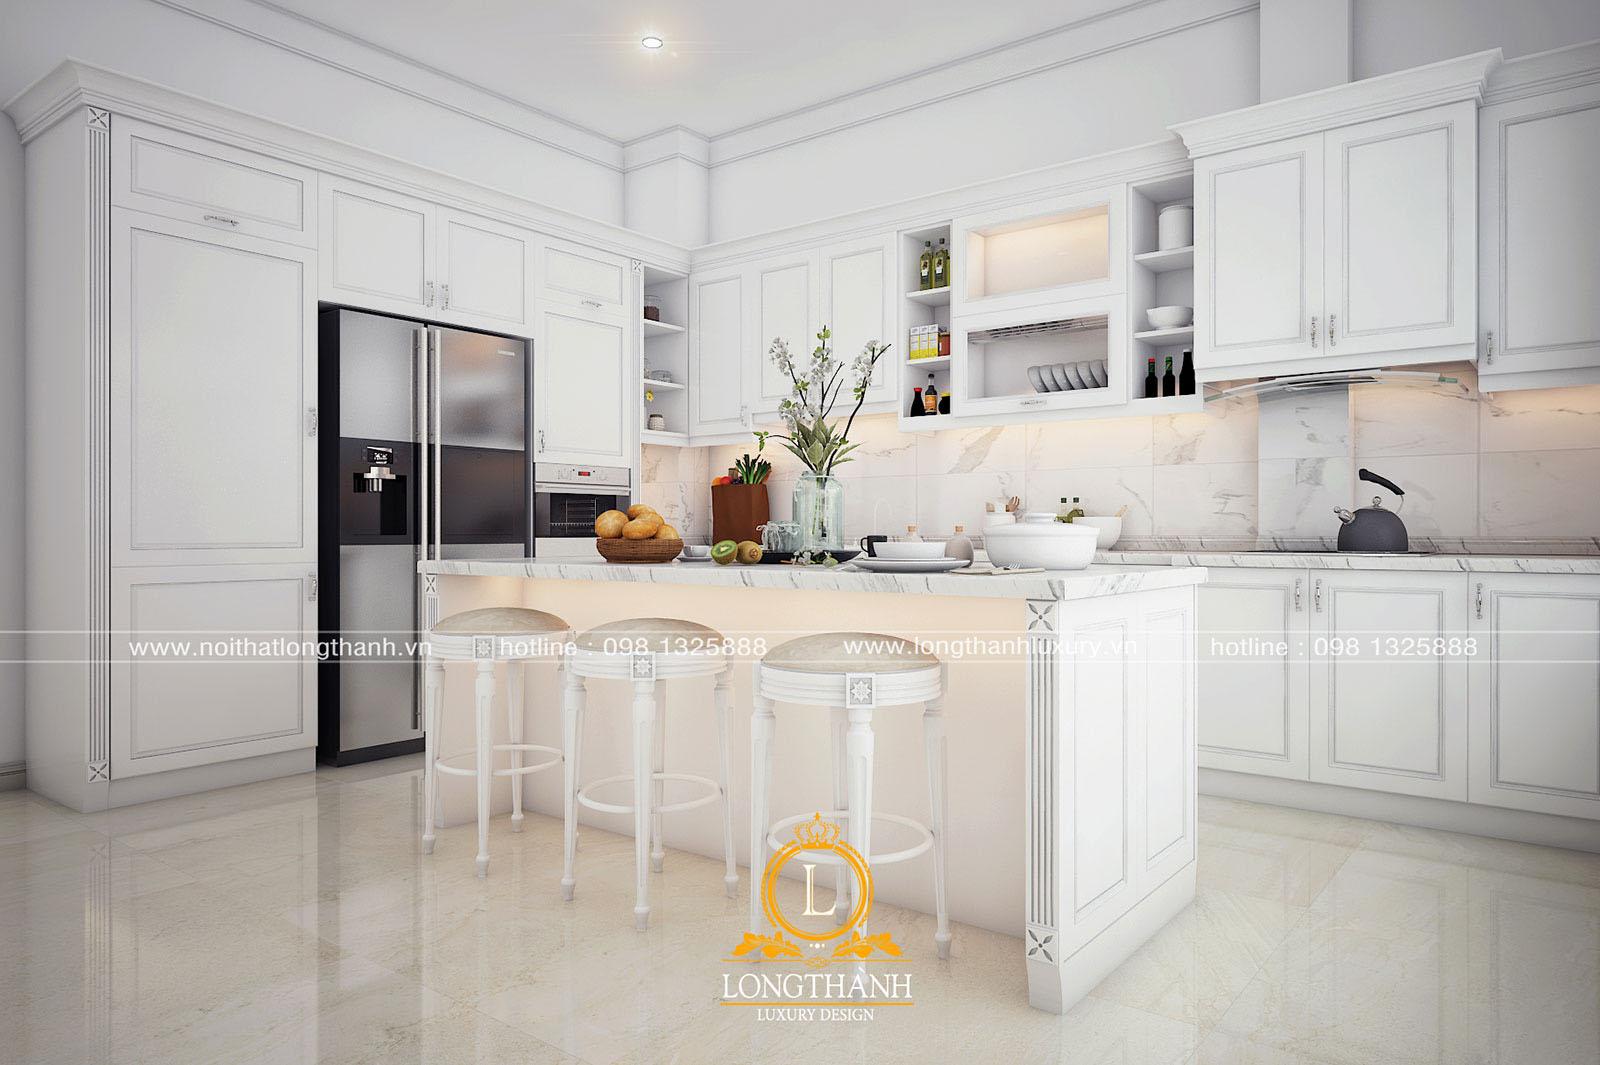 Tủ bếp gỗ tự nhiên sơn trắng đẹp LT 60 góc nhìn thứ 2